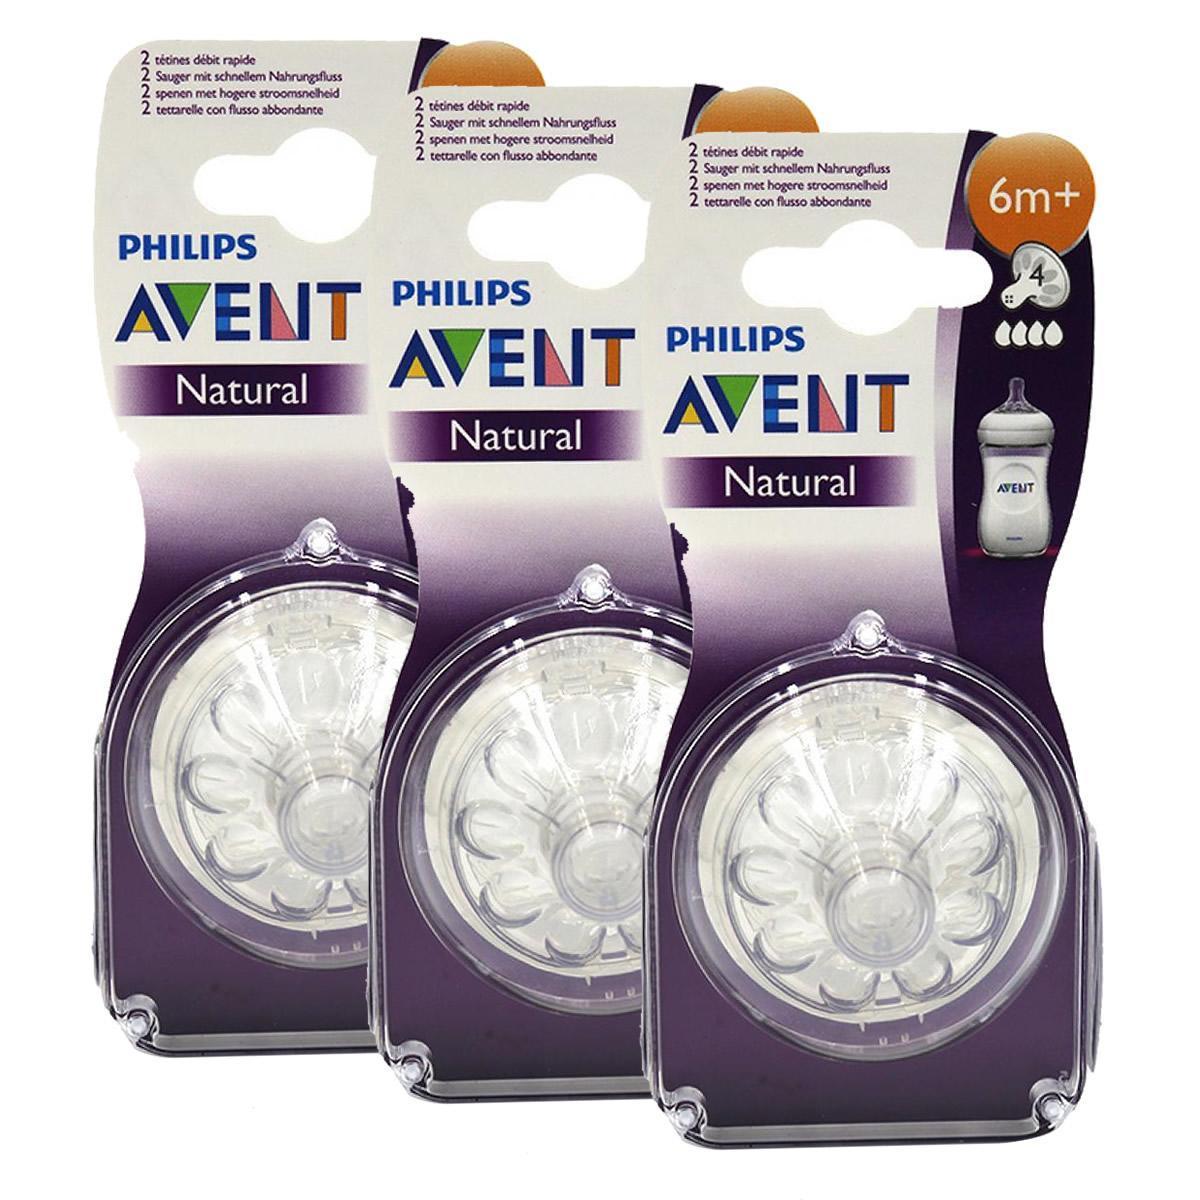 3件裝 | AVENT飛利浦/新安怡寬口徑自然質柔奶嘴4孔6m+